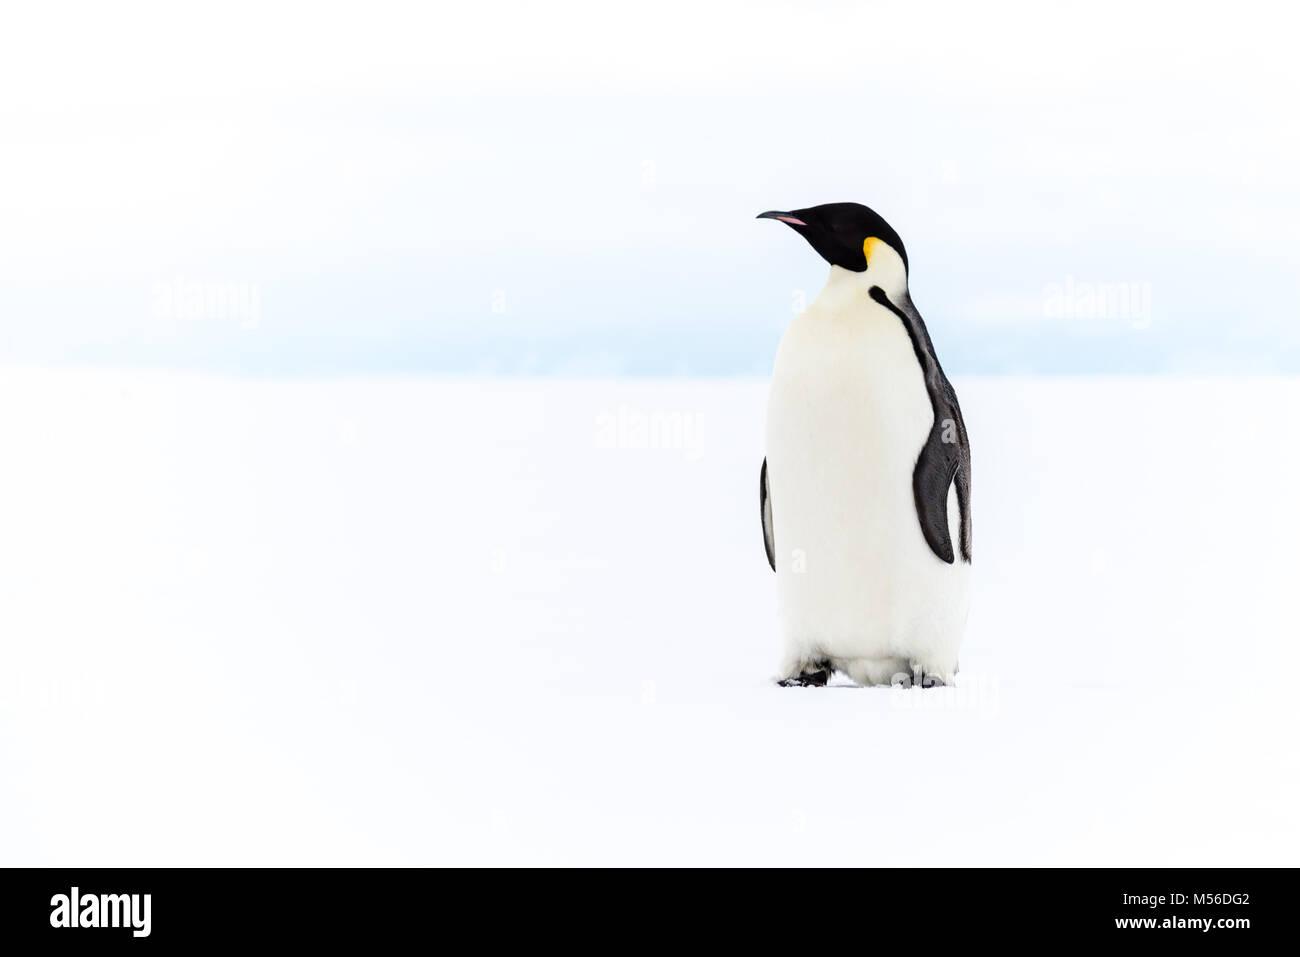 Emperor penguin, Ross Ice Shelf, Antarctica - Stock Image